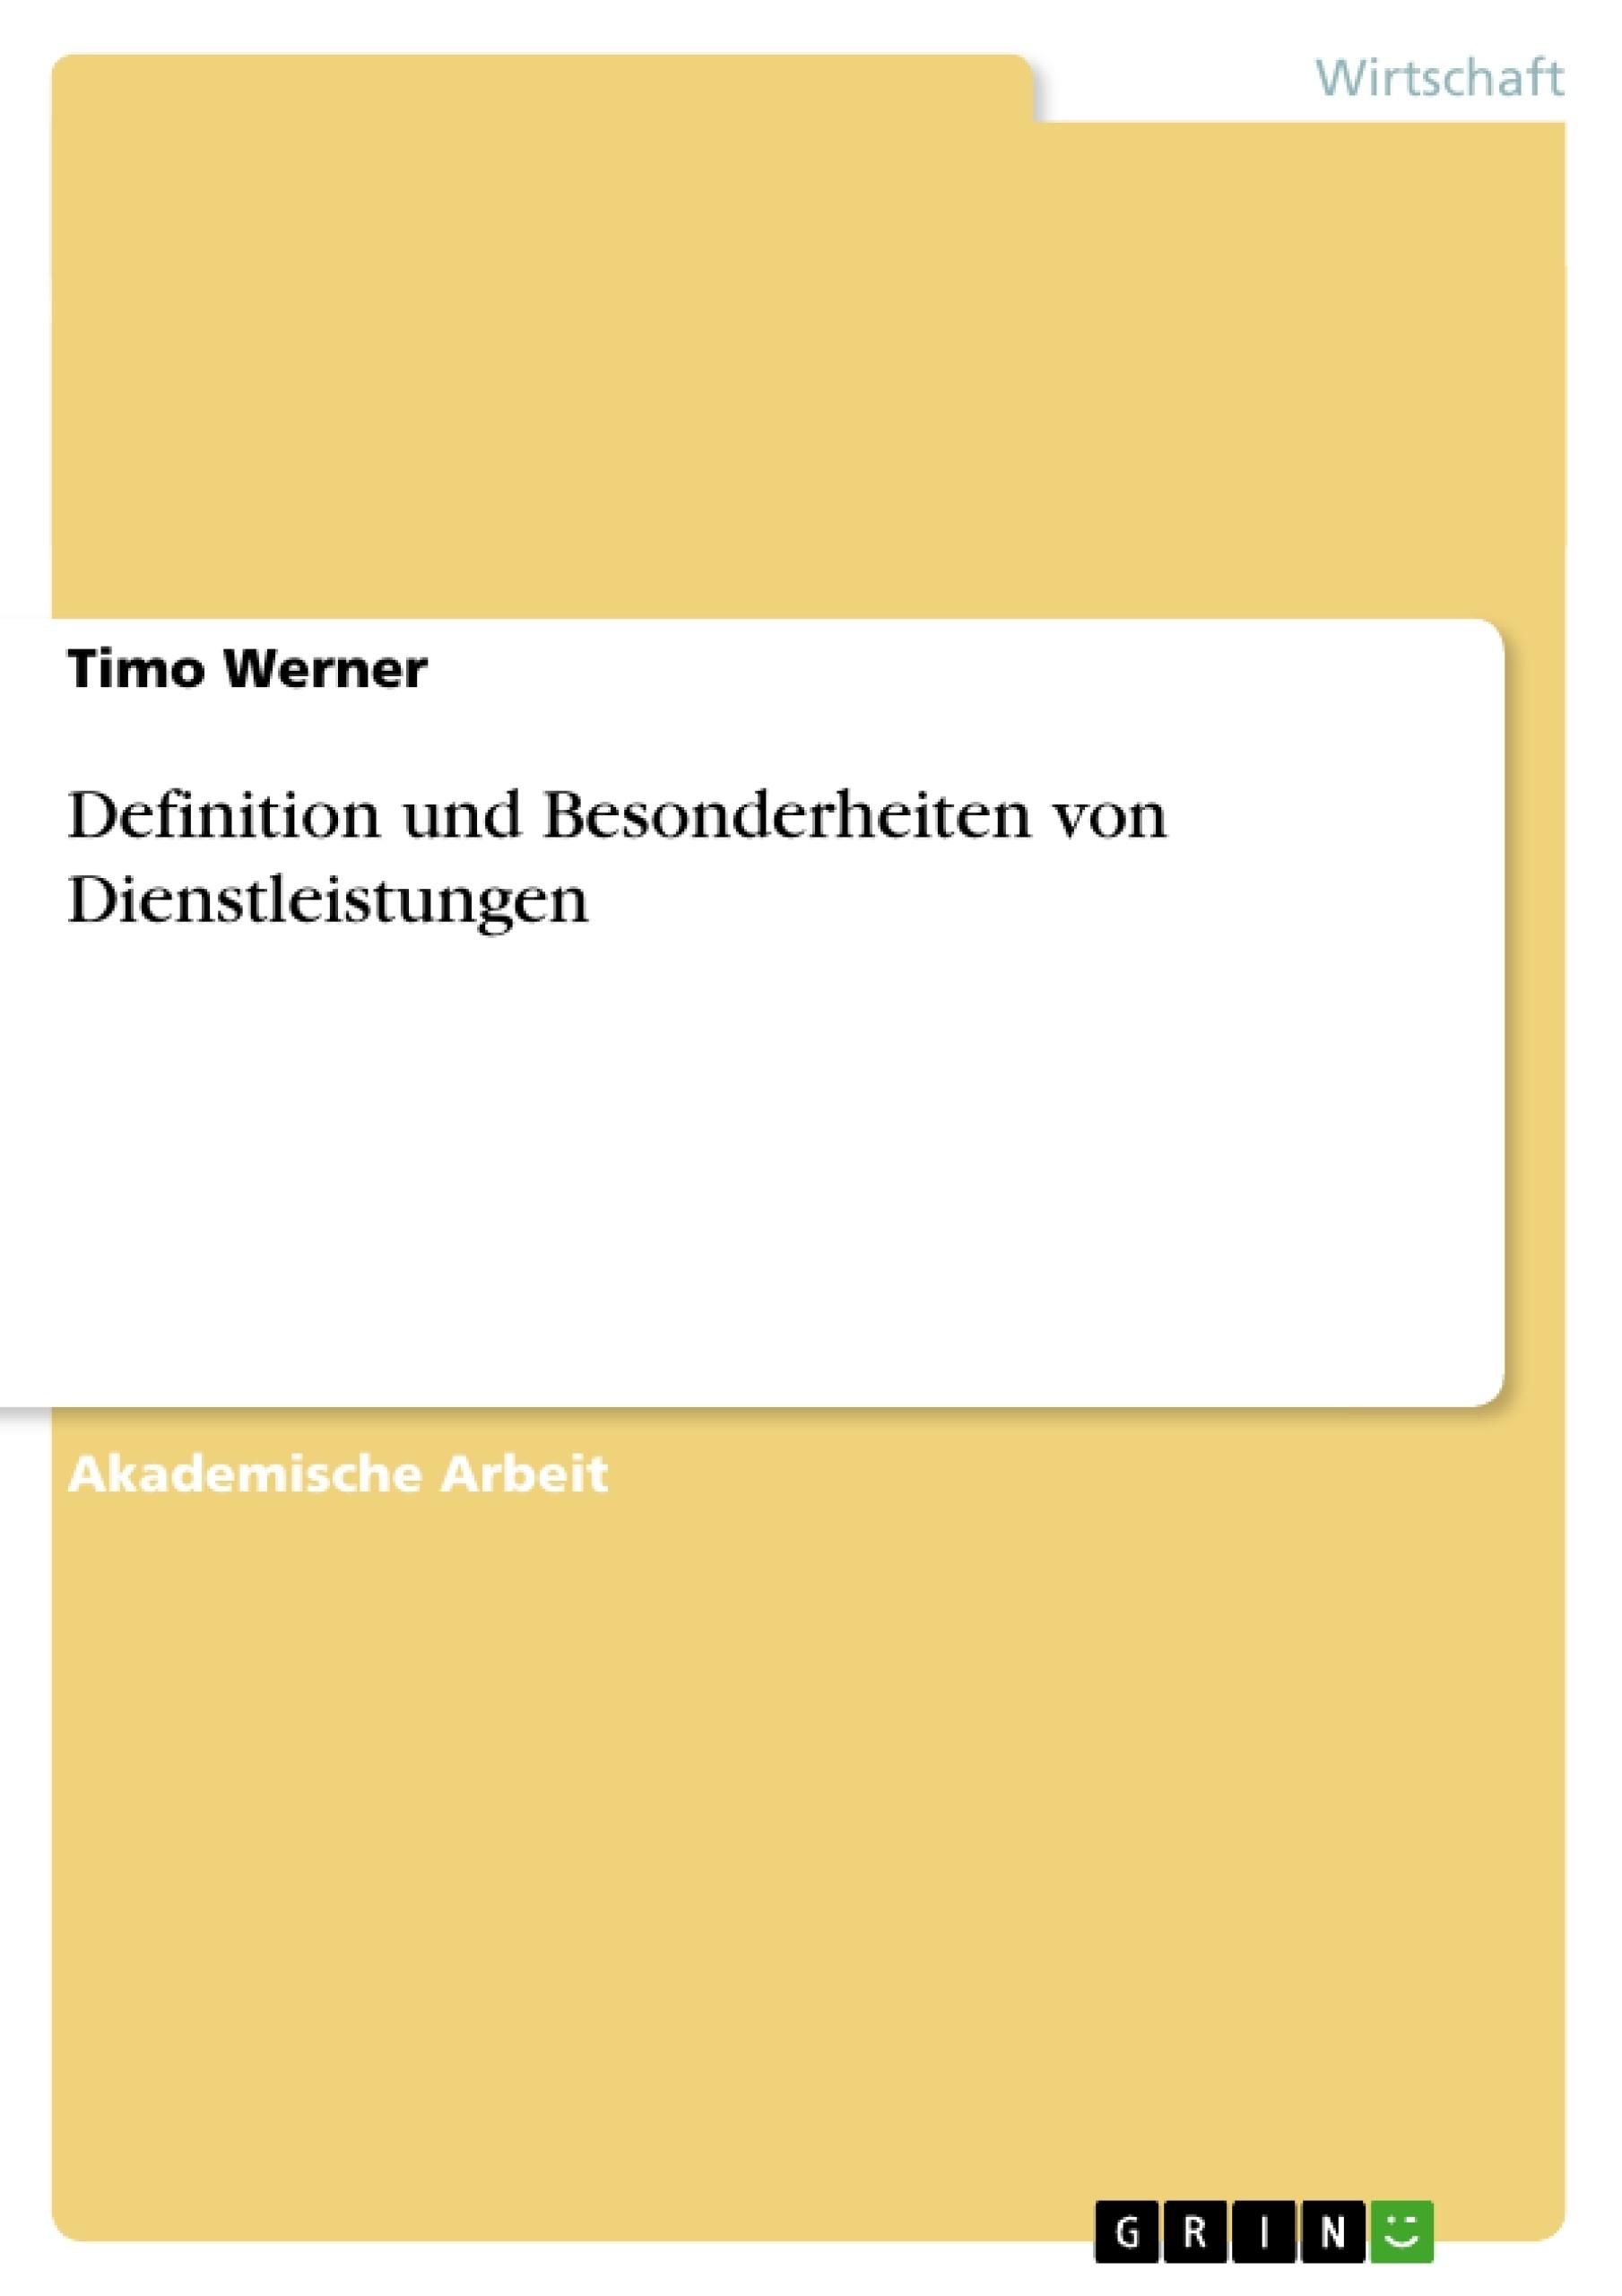 Titel: Definition und Besonderheiten von Dienstleistungen